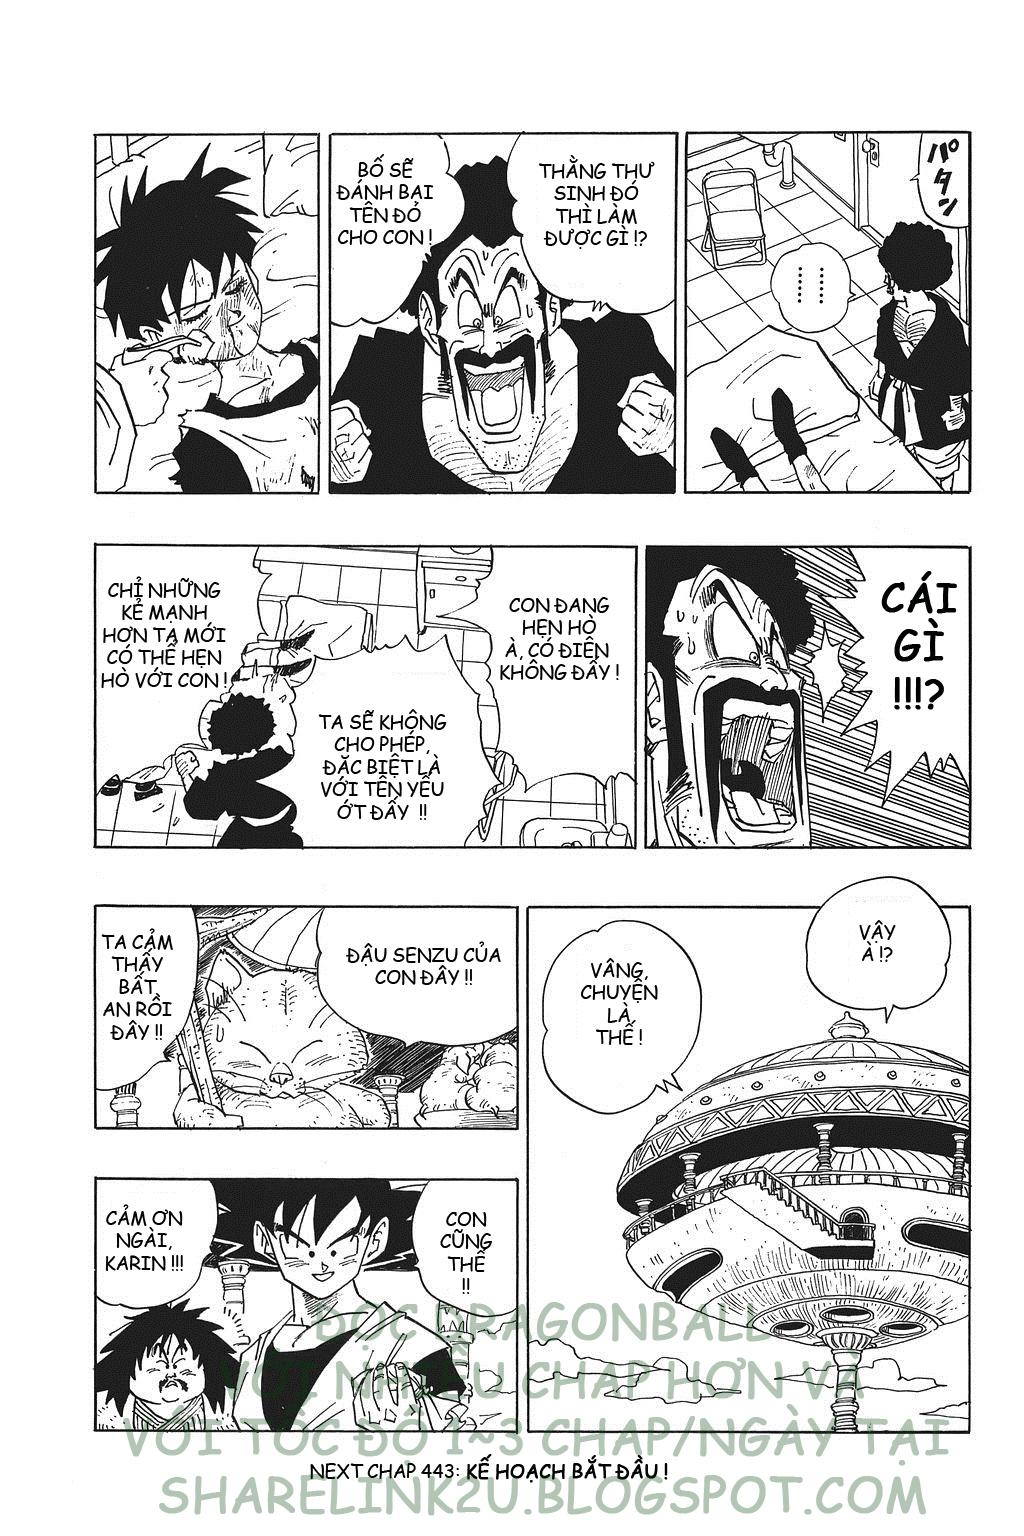 xem truyen moi - Dragon Ball Bản Vip - Bản Đẹp Nguyên Gốc Chap 442